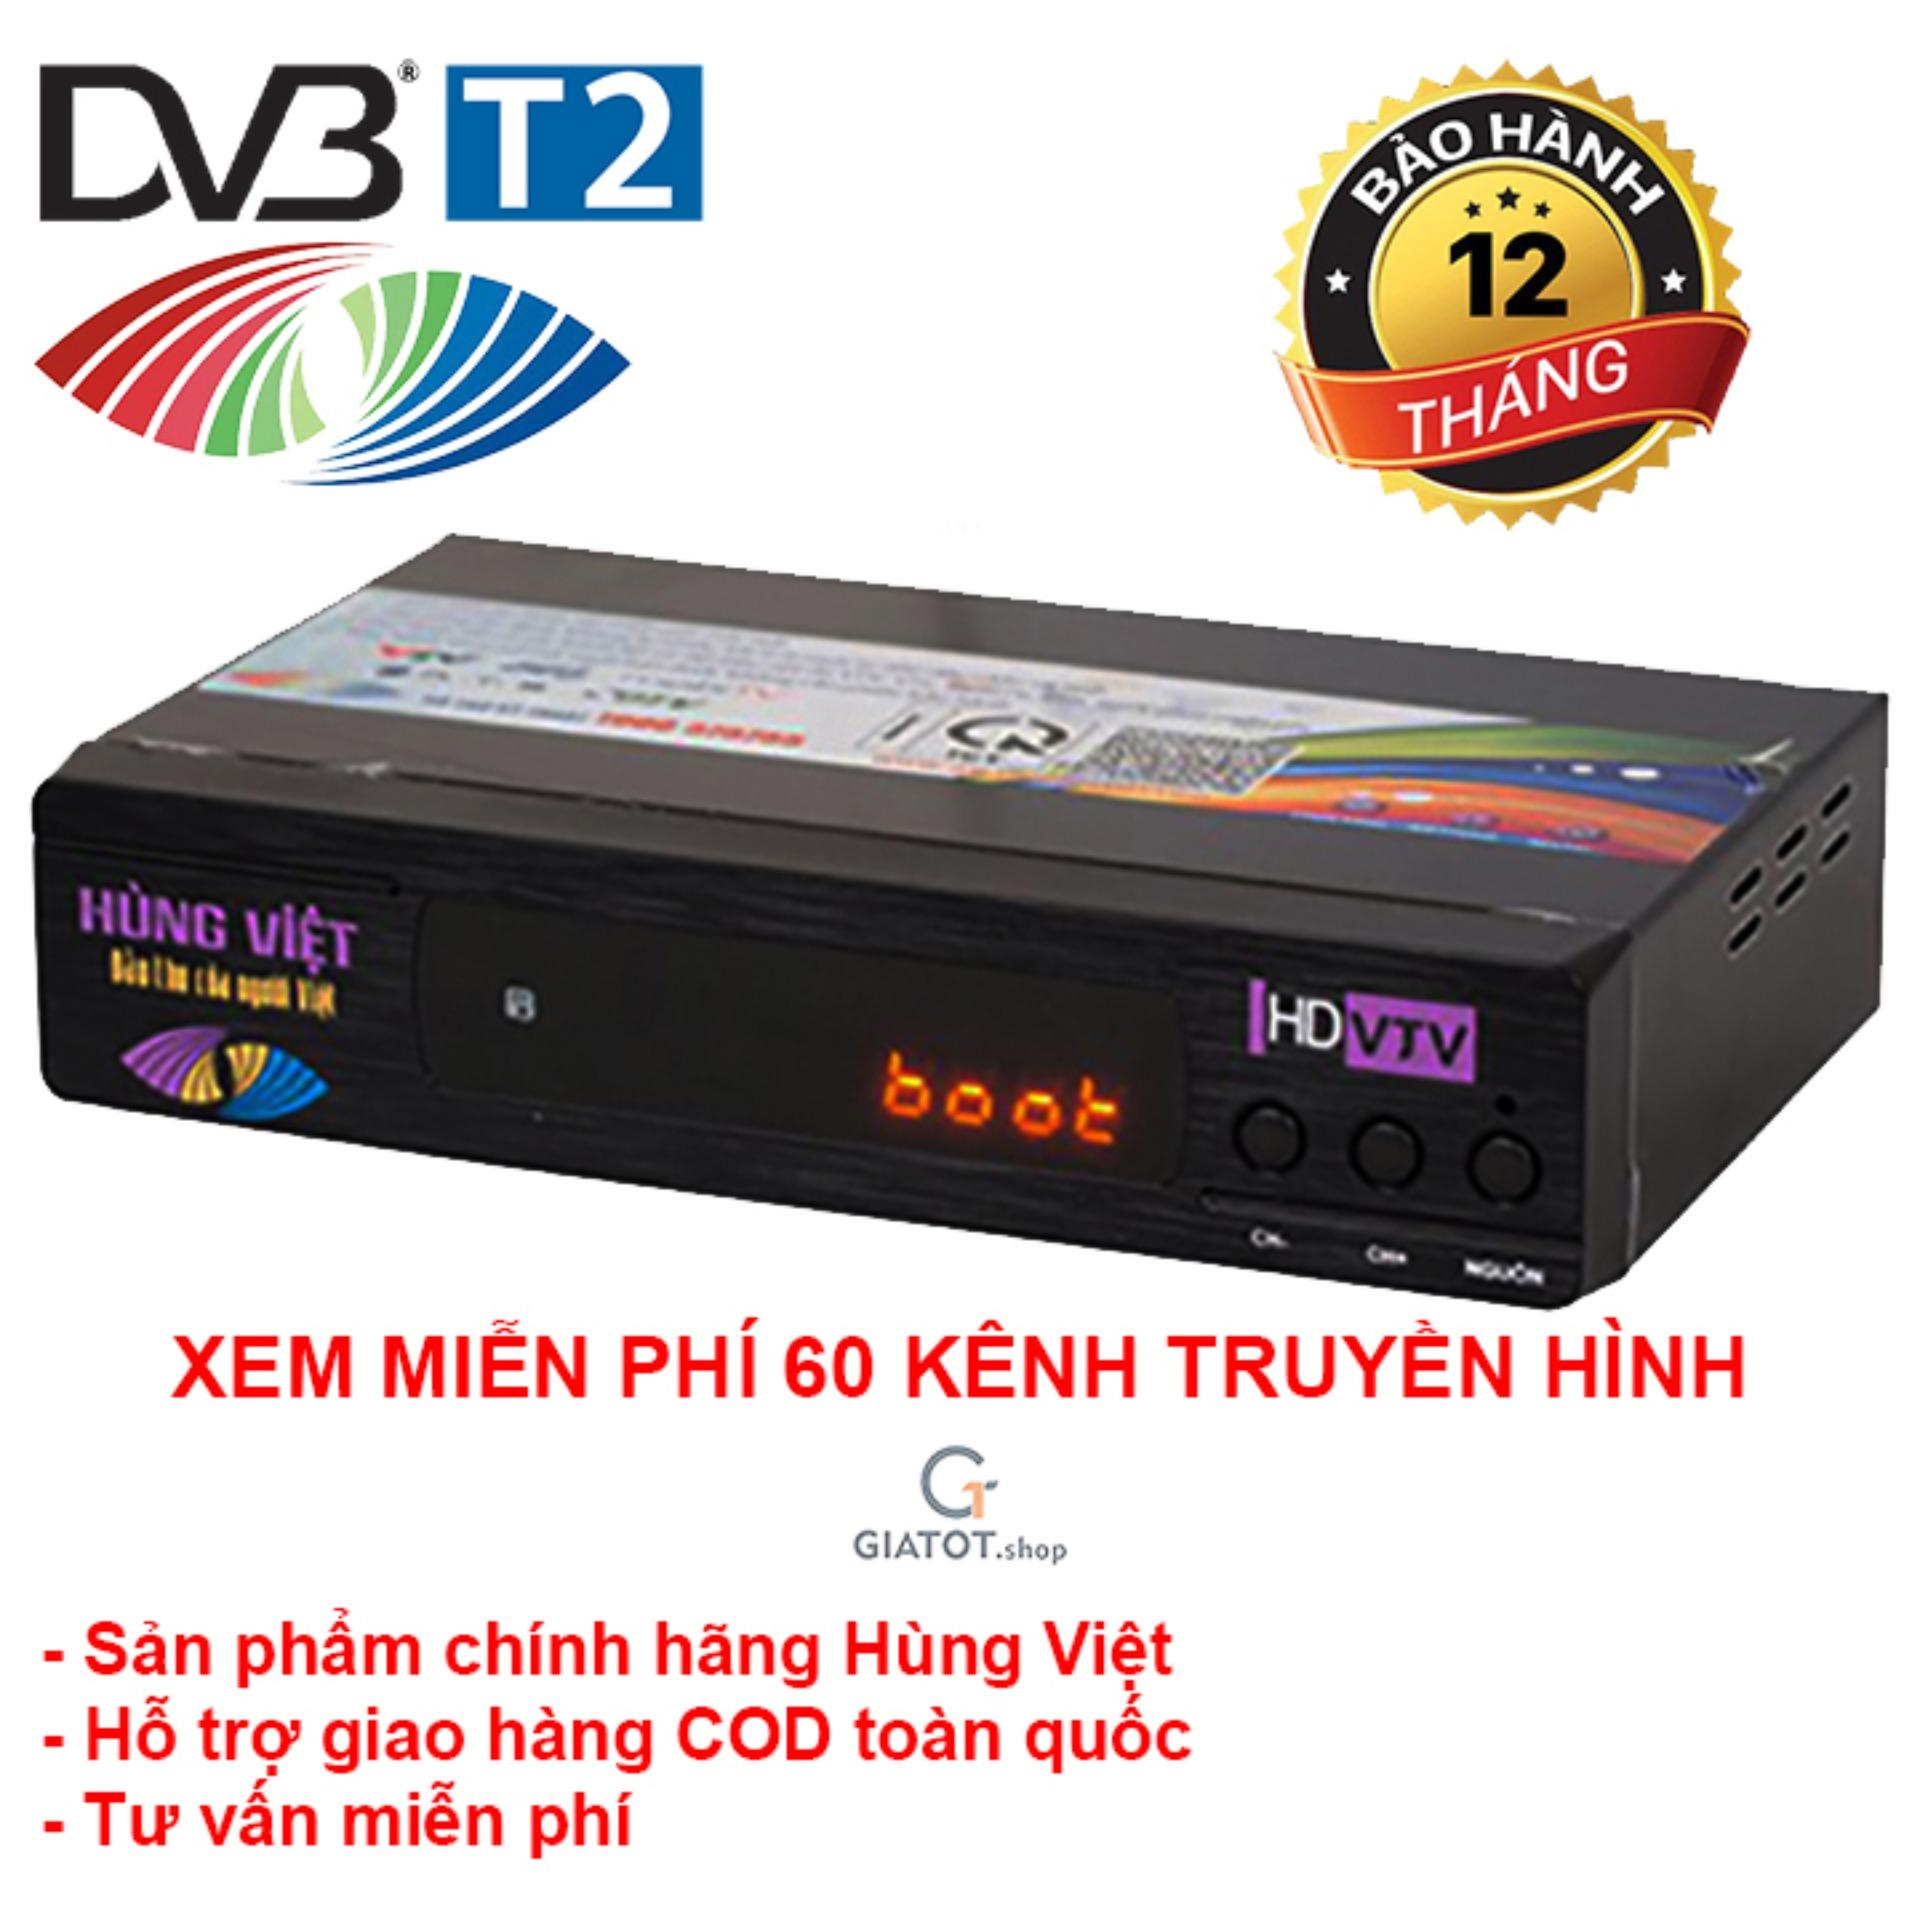 Bán Đầu Thu Kỹ Thuật Số Dvb T2 Hung Việt Ts 123 Oem Có Thương Hiệu